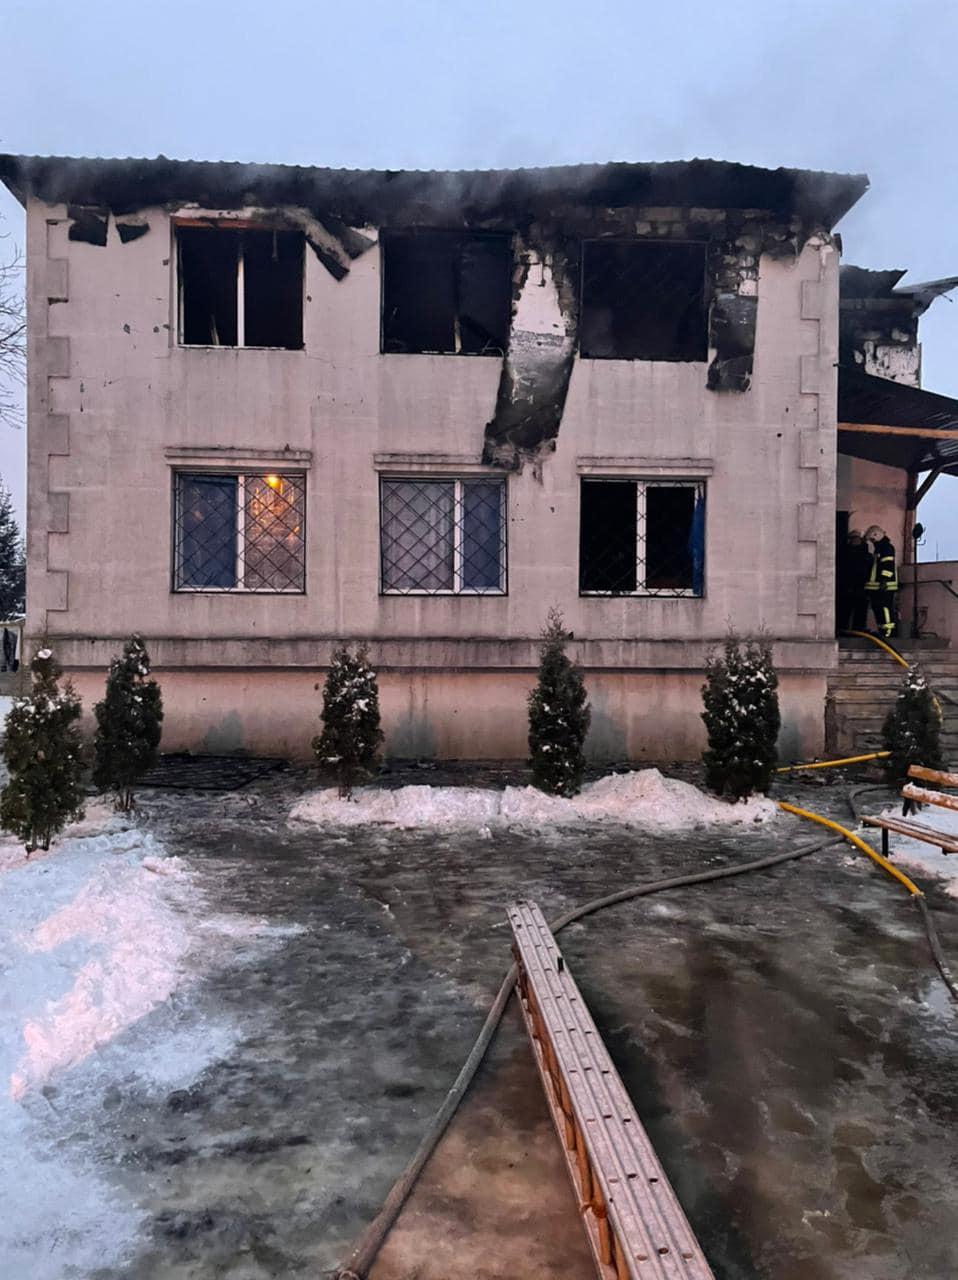 Масштабна пожежа у Харкові: назвали вірогідні причини загоряння - смерть, пожежа, масштабна пожежа, літні люди, загиблі - 140697229 214438060318511 4460692271464660195 o